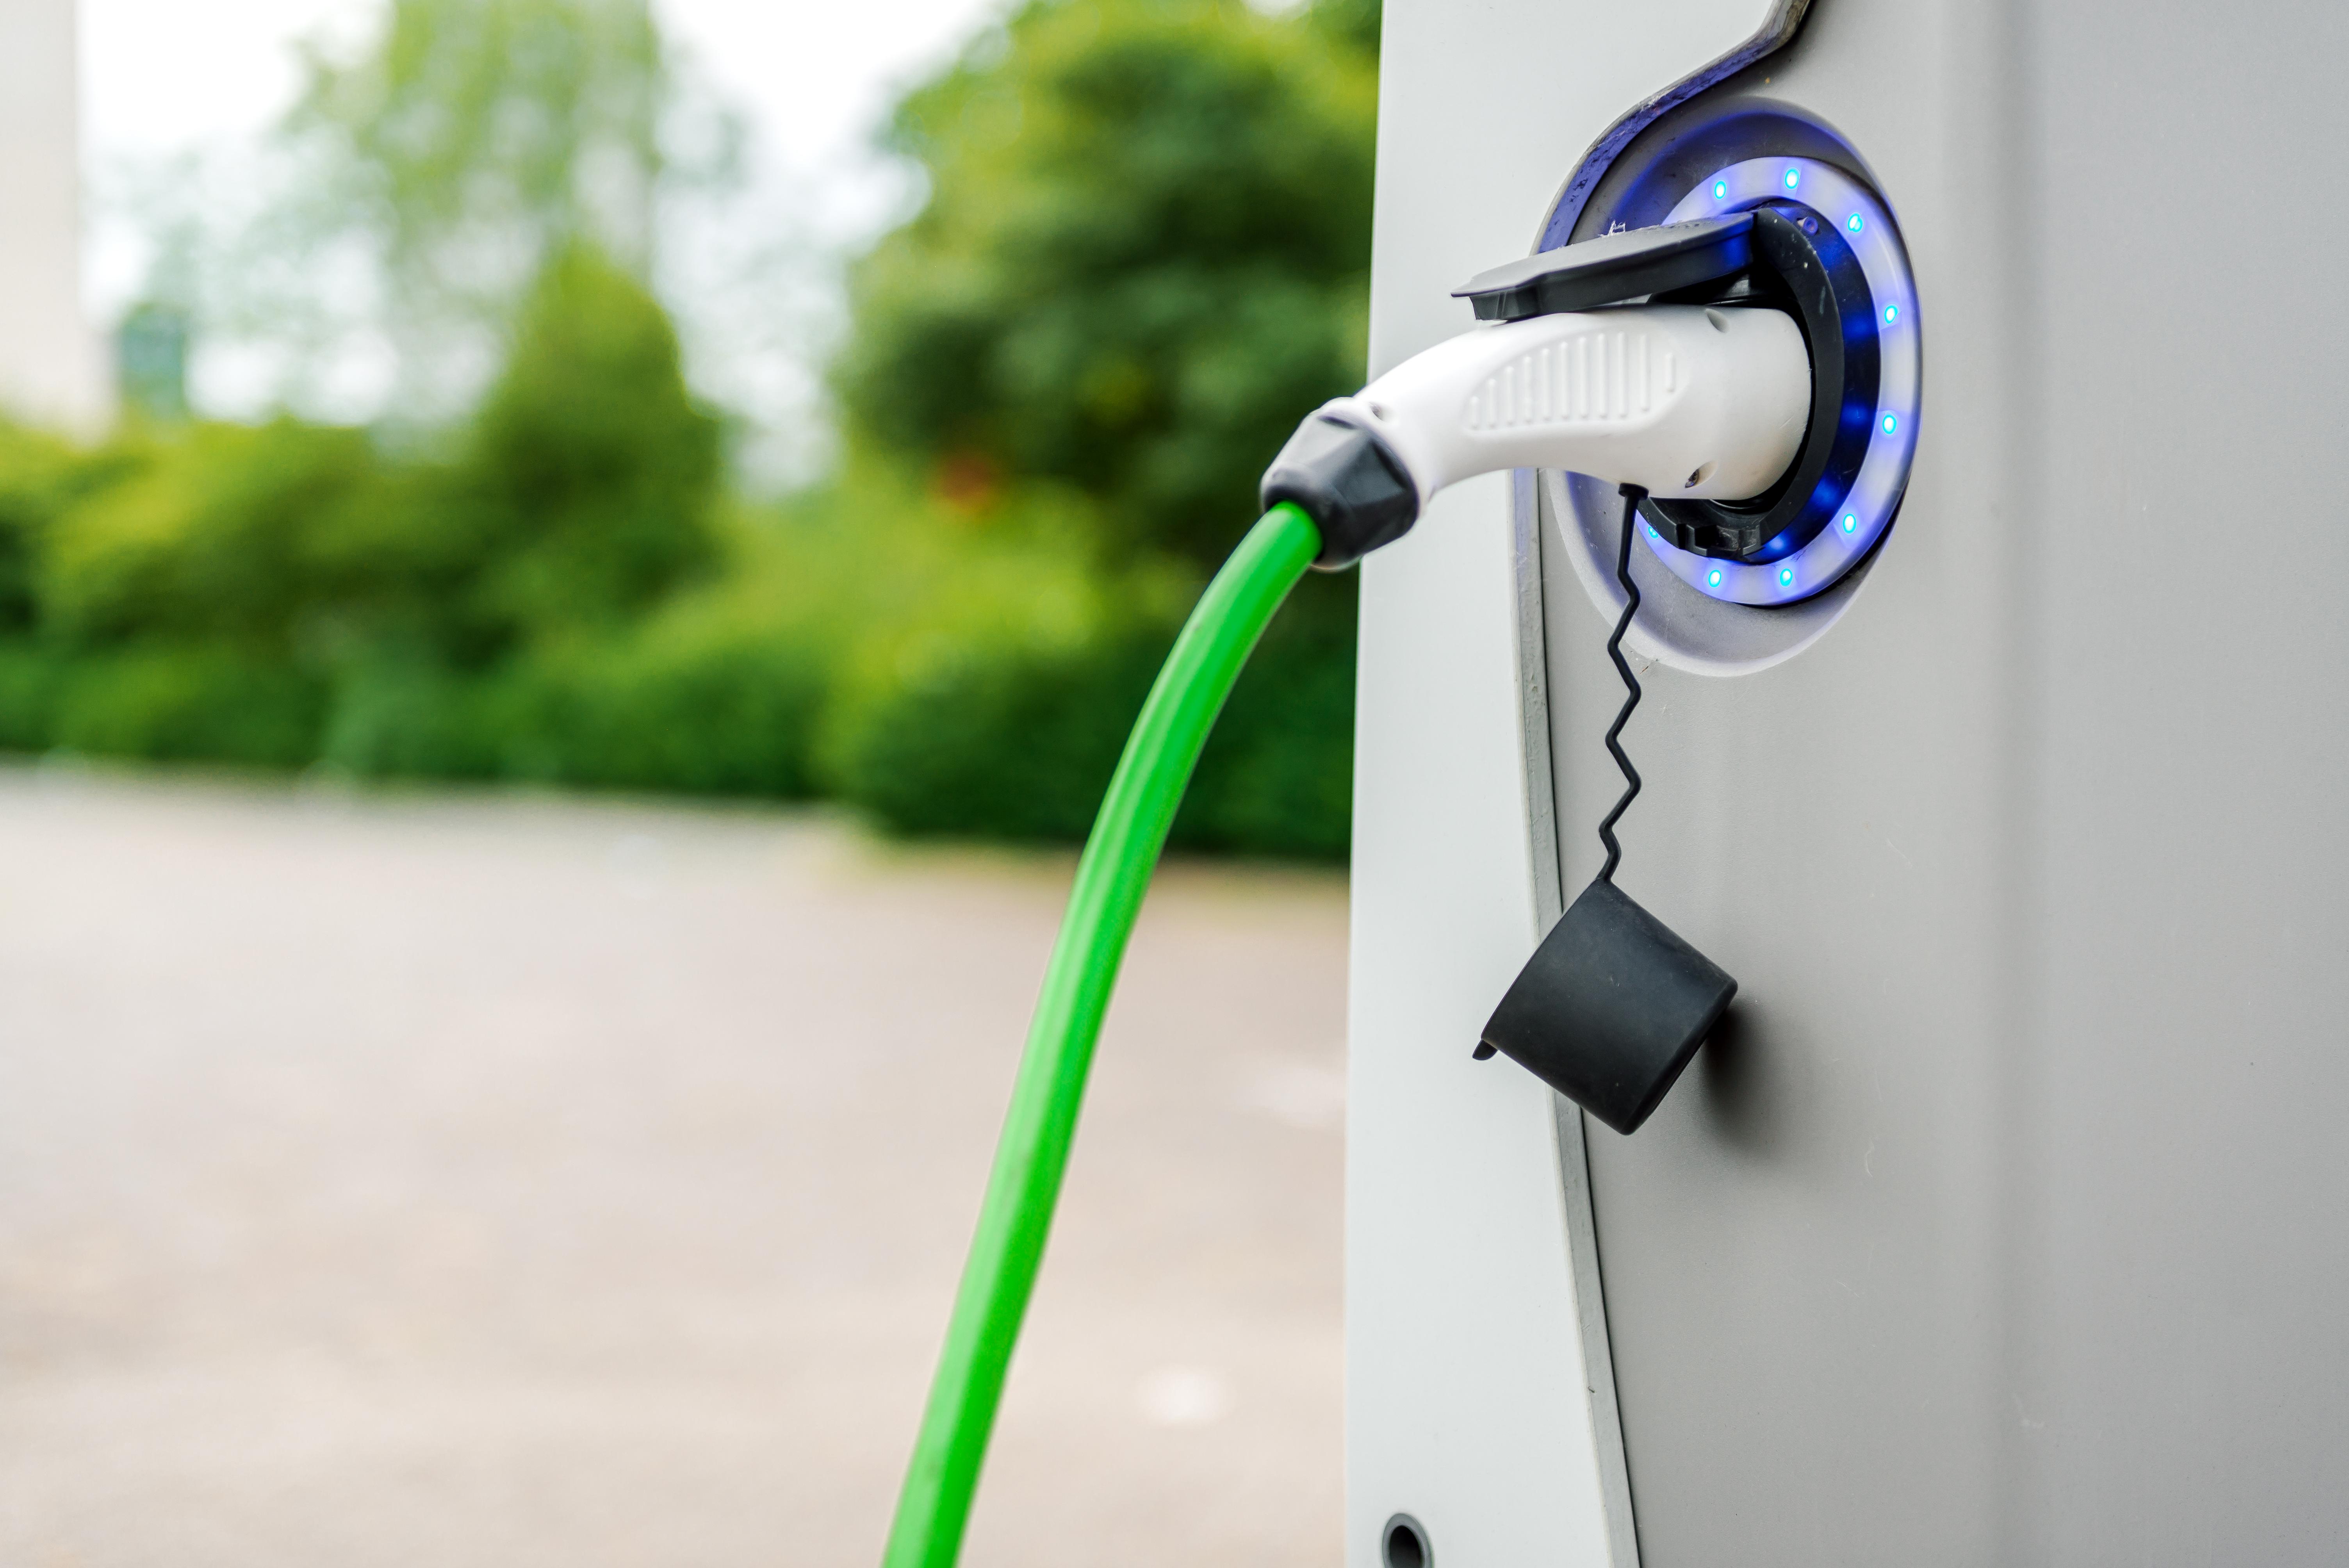 Estación de carga de vehículos eléctricos